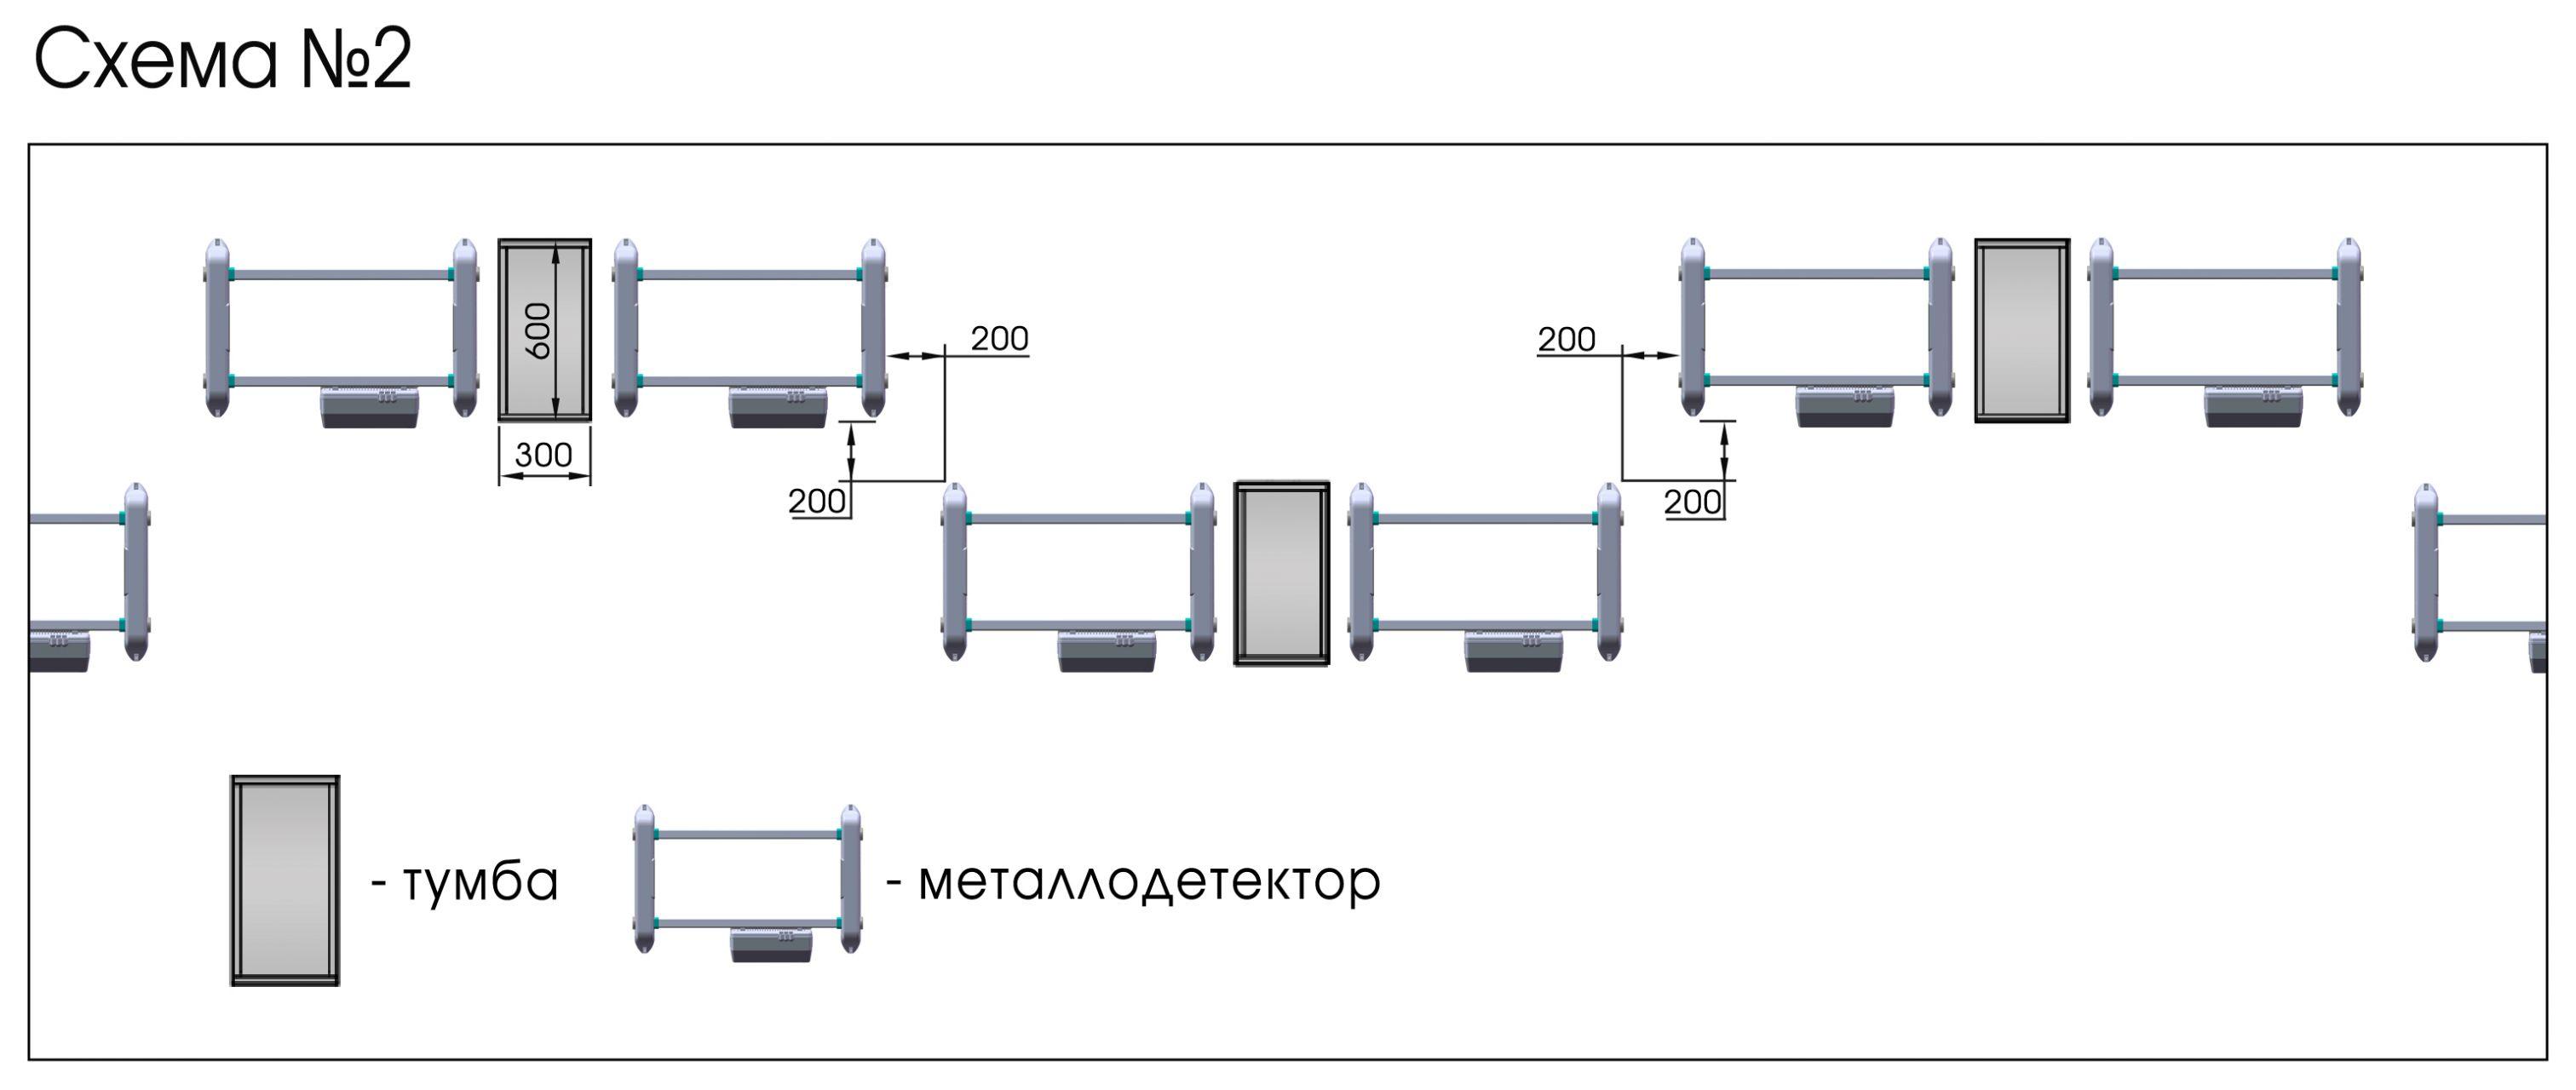 Shema-razmesheniya-PCZ-02-2000.jpg